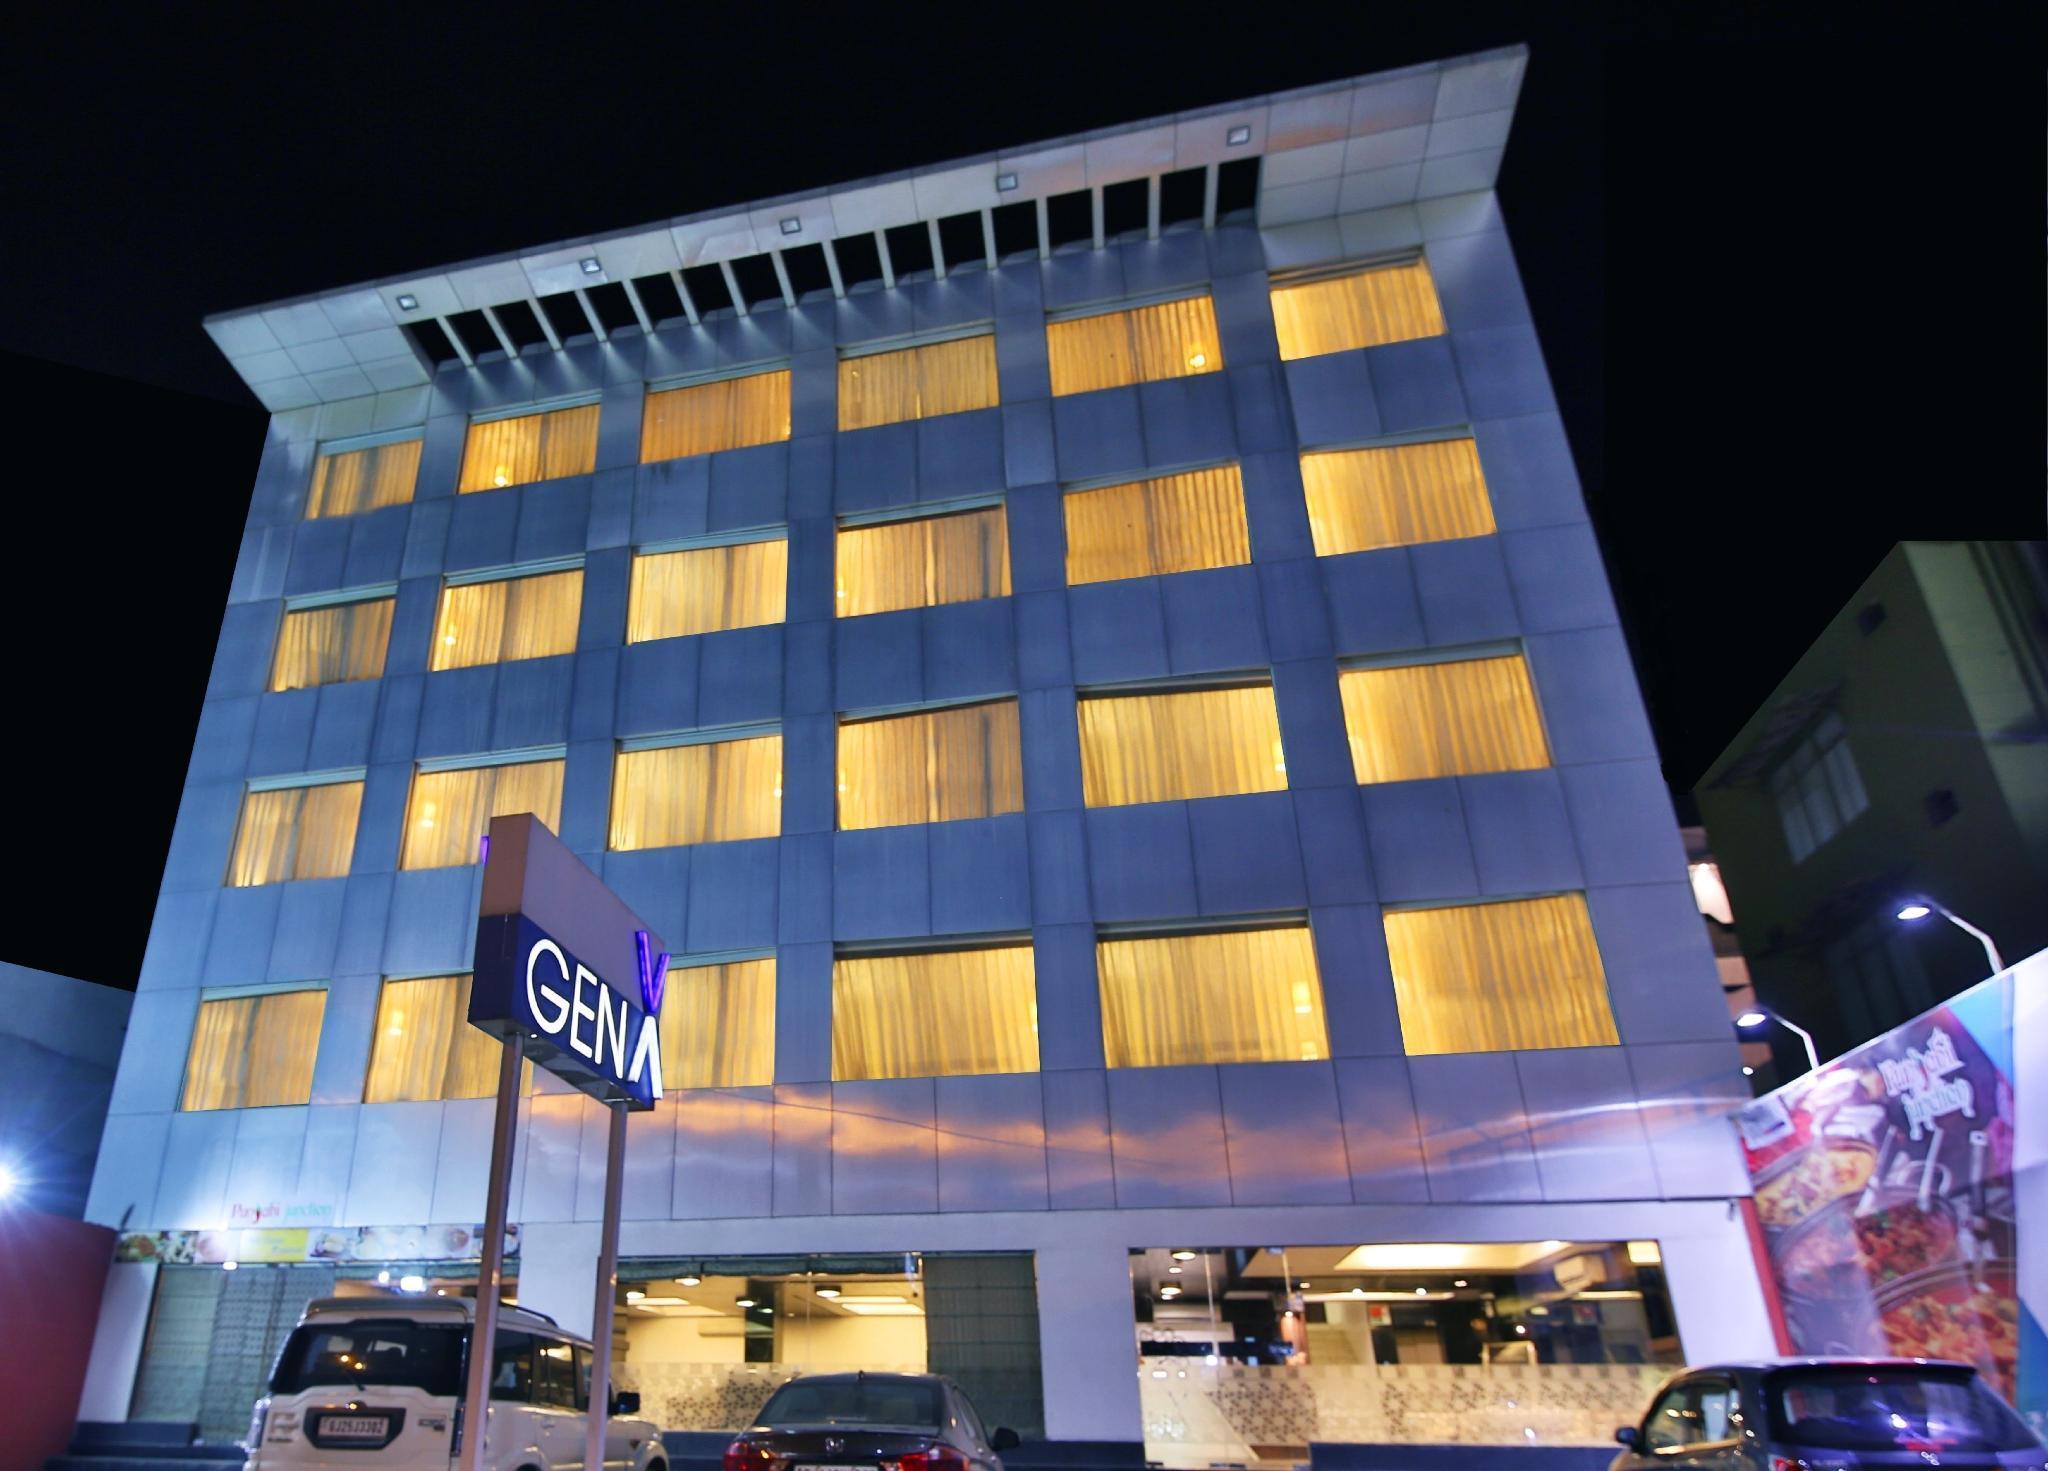 Gen X Vadodara 1589 Hotel, Vadodara